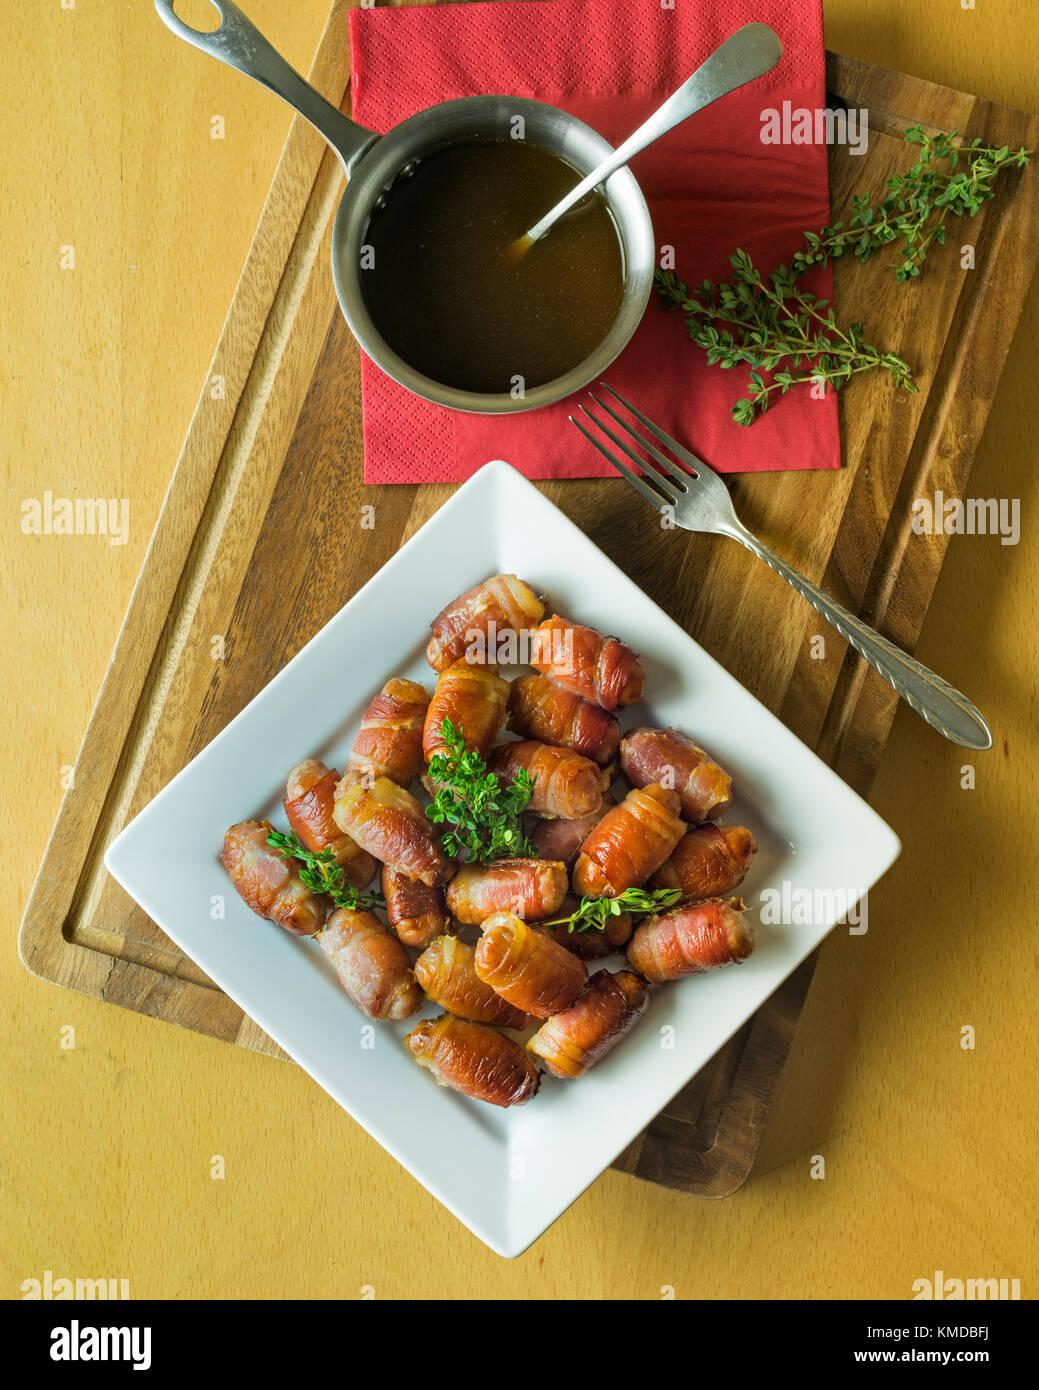 Les porcs dans des couvertures.Saucisses et bacon rouleaux. UK Food Photo Stock